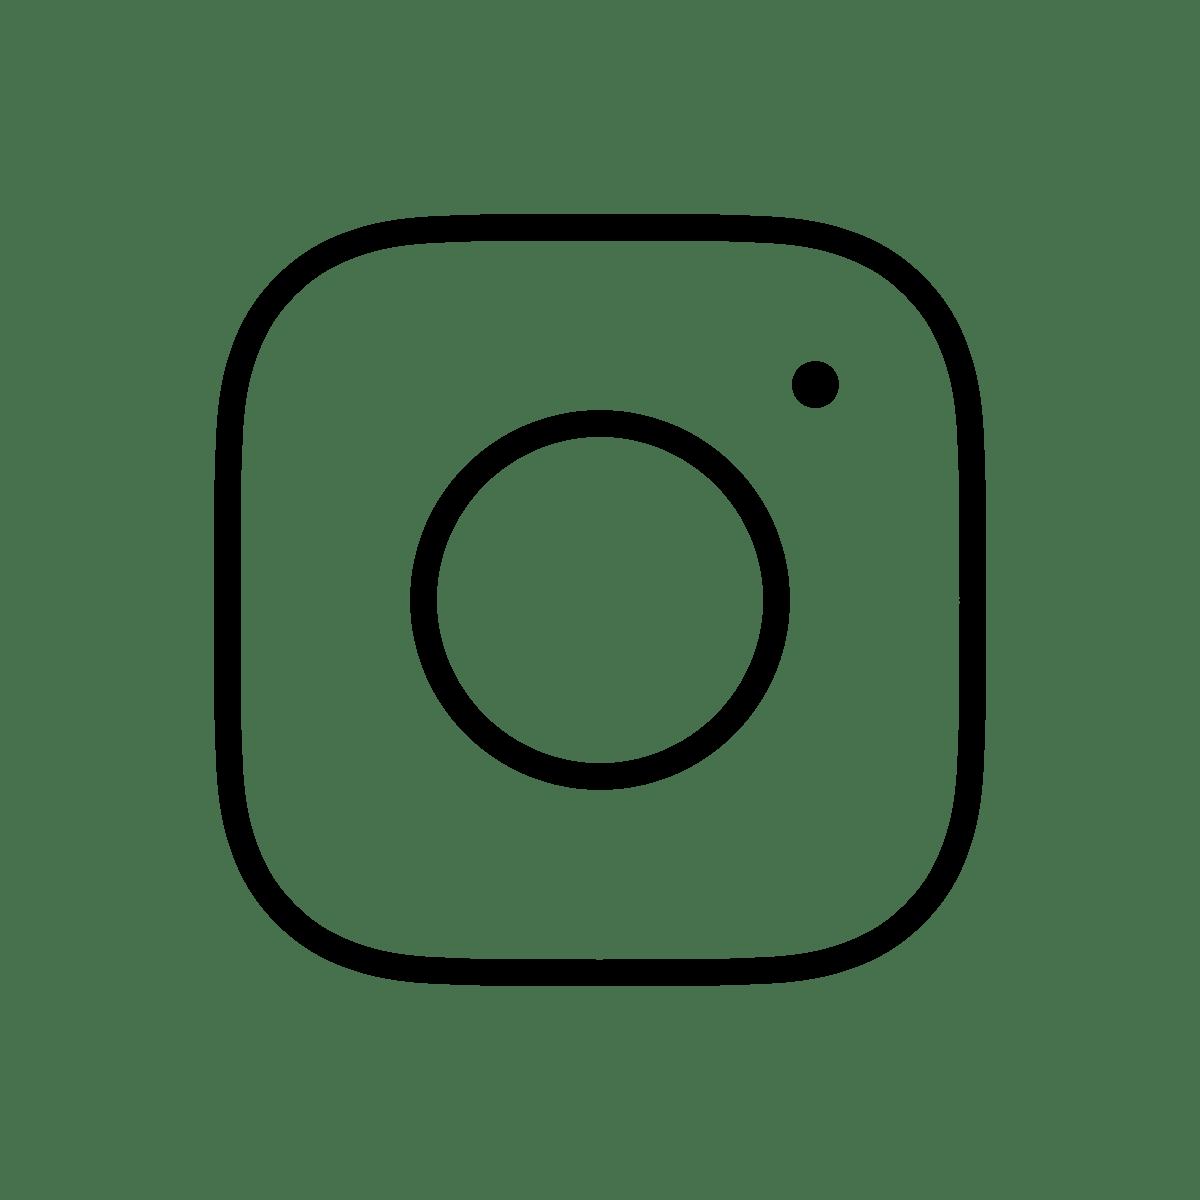 картинки для раскрашивания инстаграмм